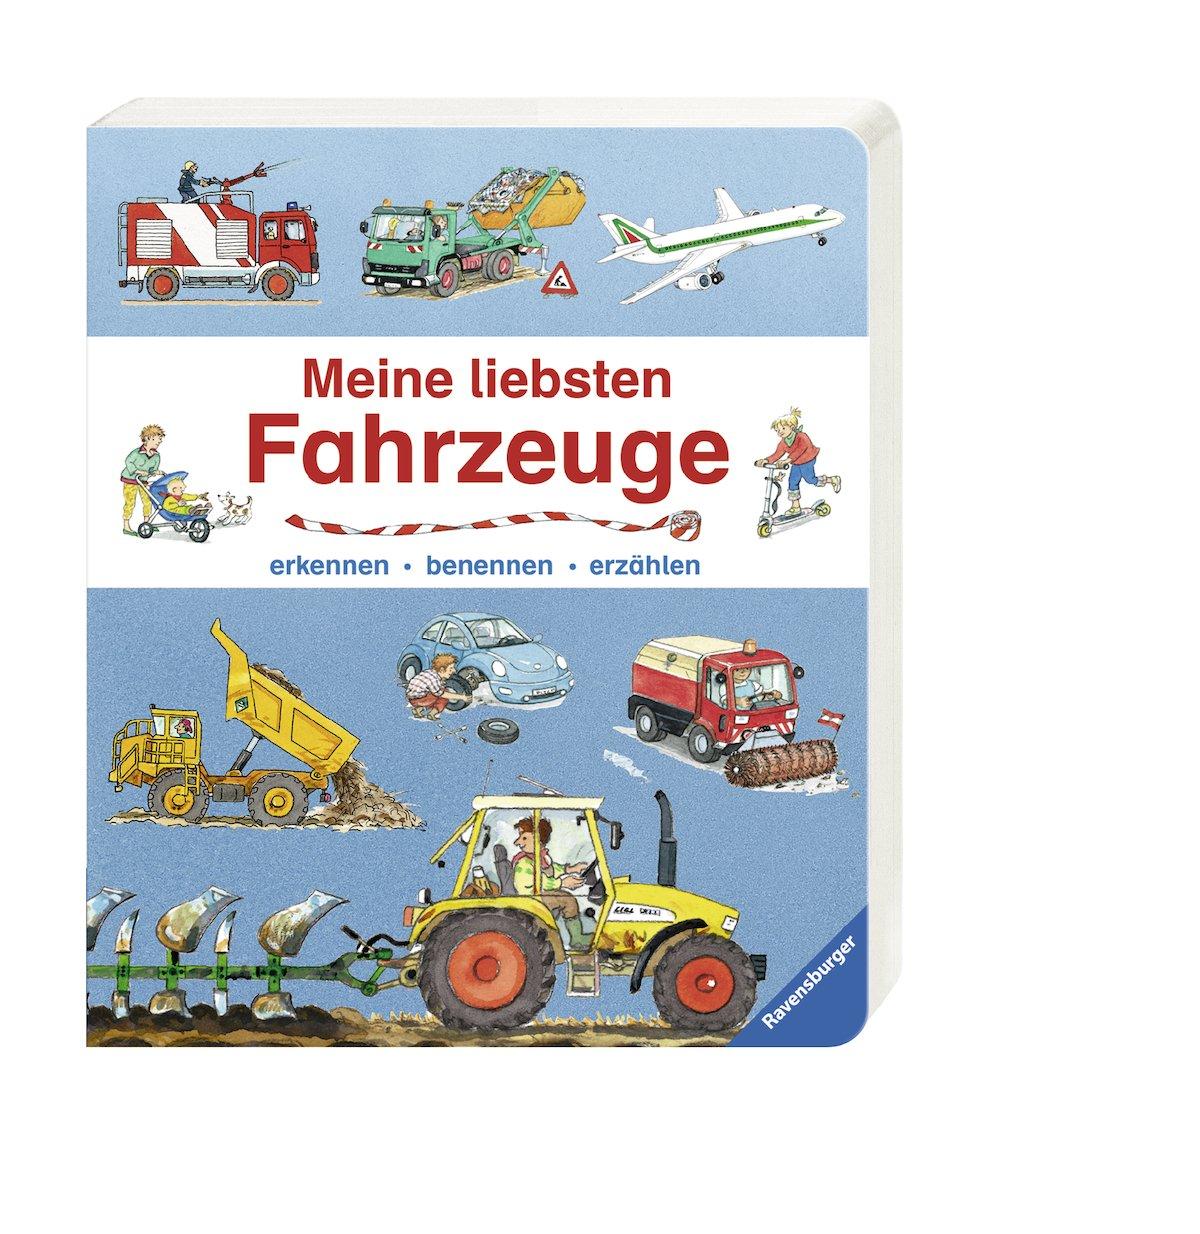 Meine liebsten Fahrzeuge: erkennen, benennen, erzählen: Amazon.de ...